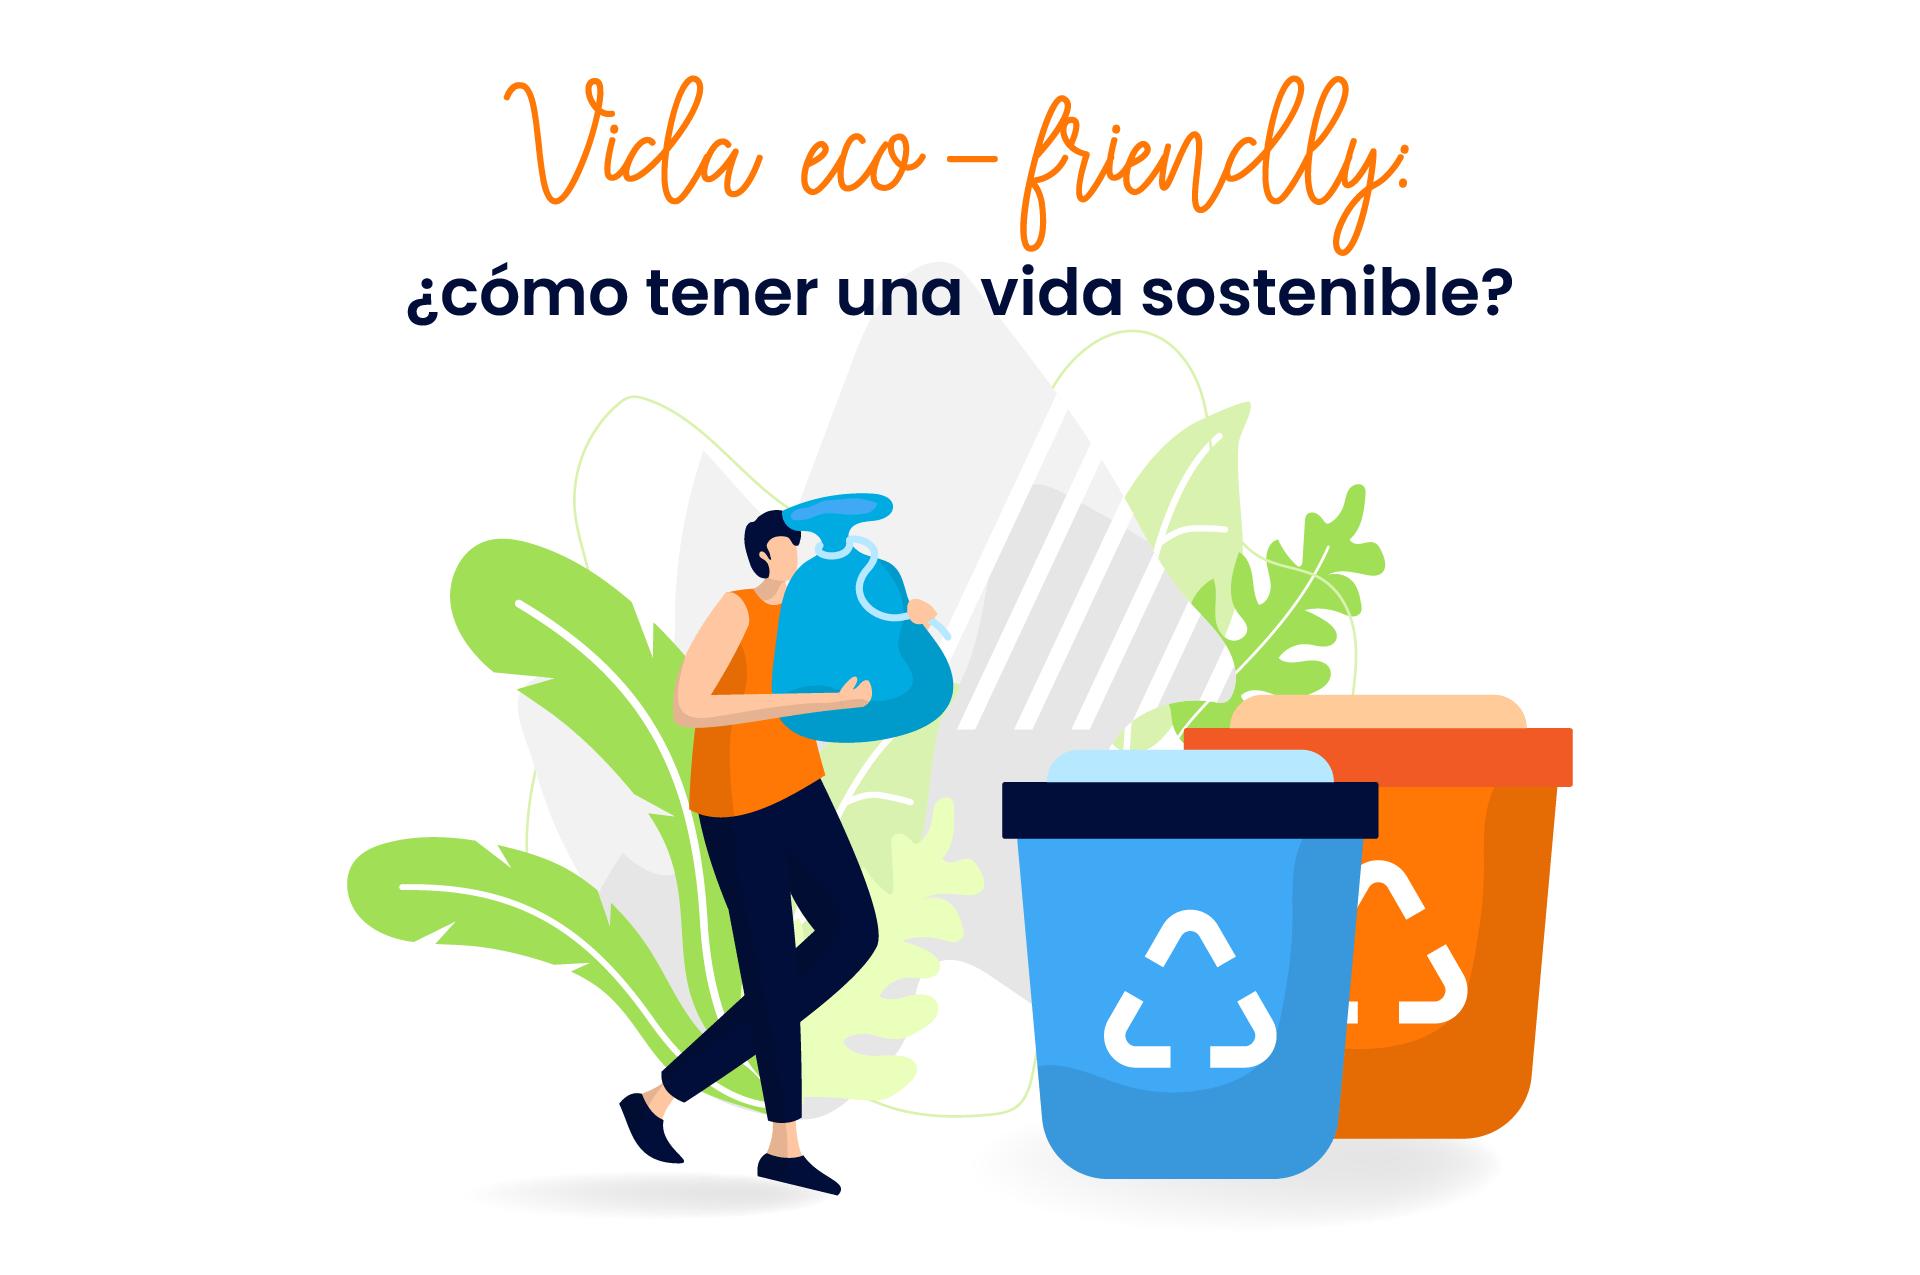 Vida eco-friendly: ¿cómo tener una vida sostenible?